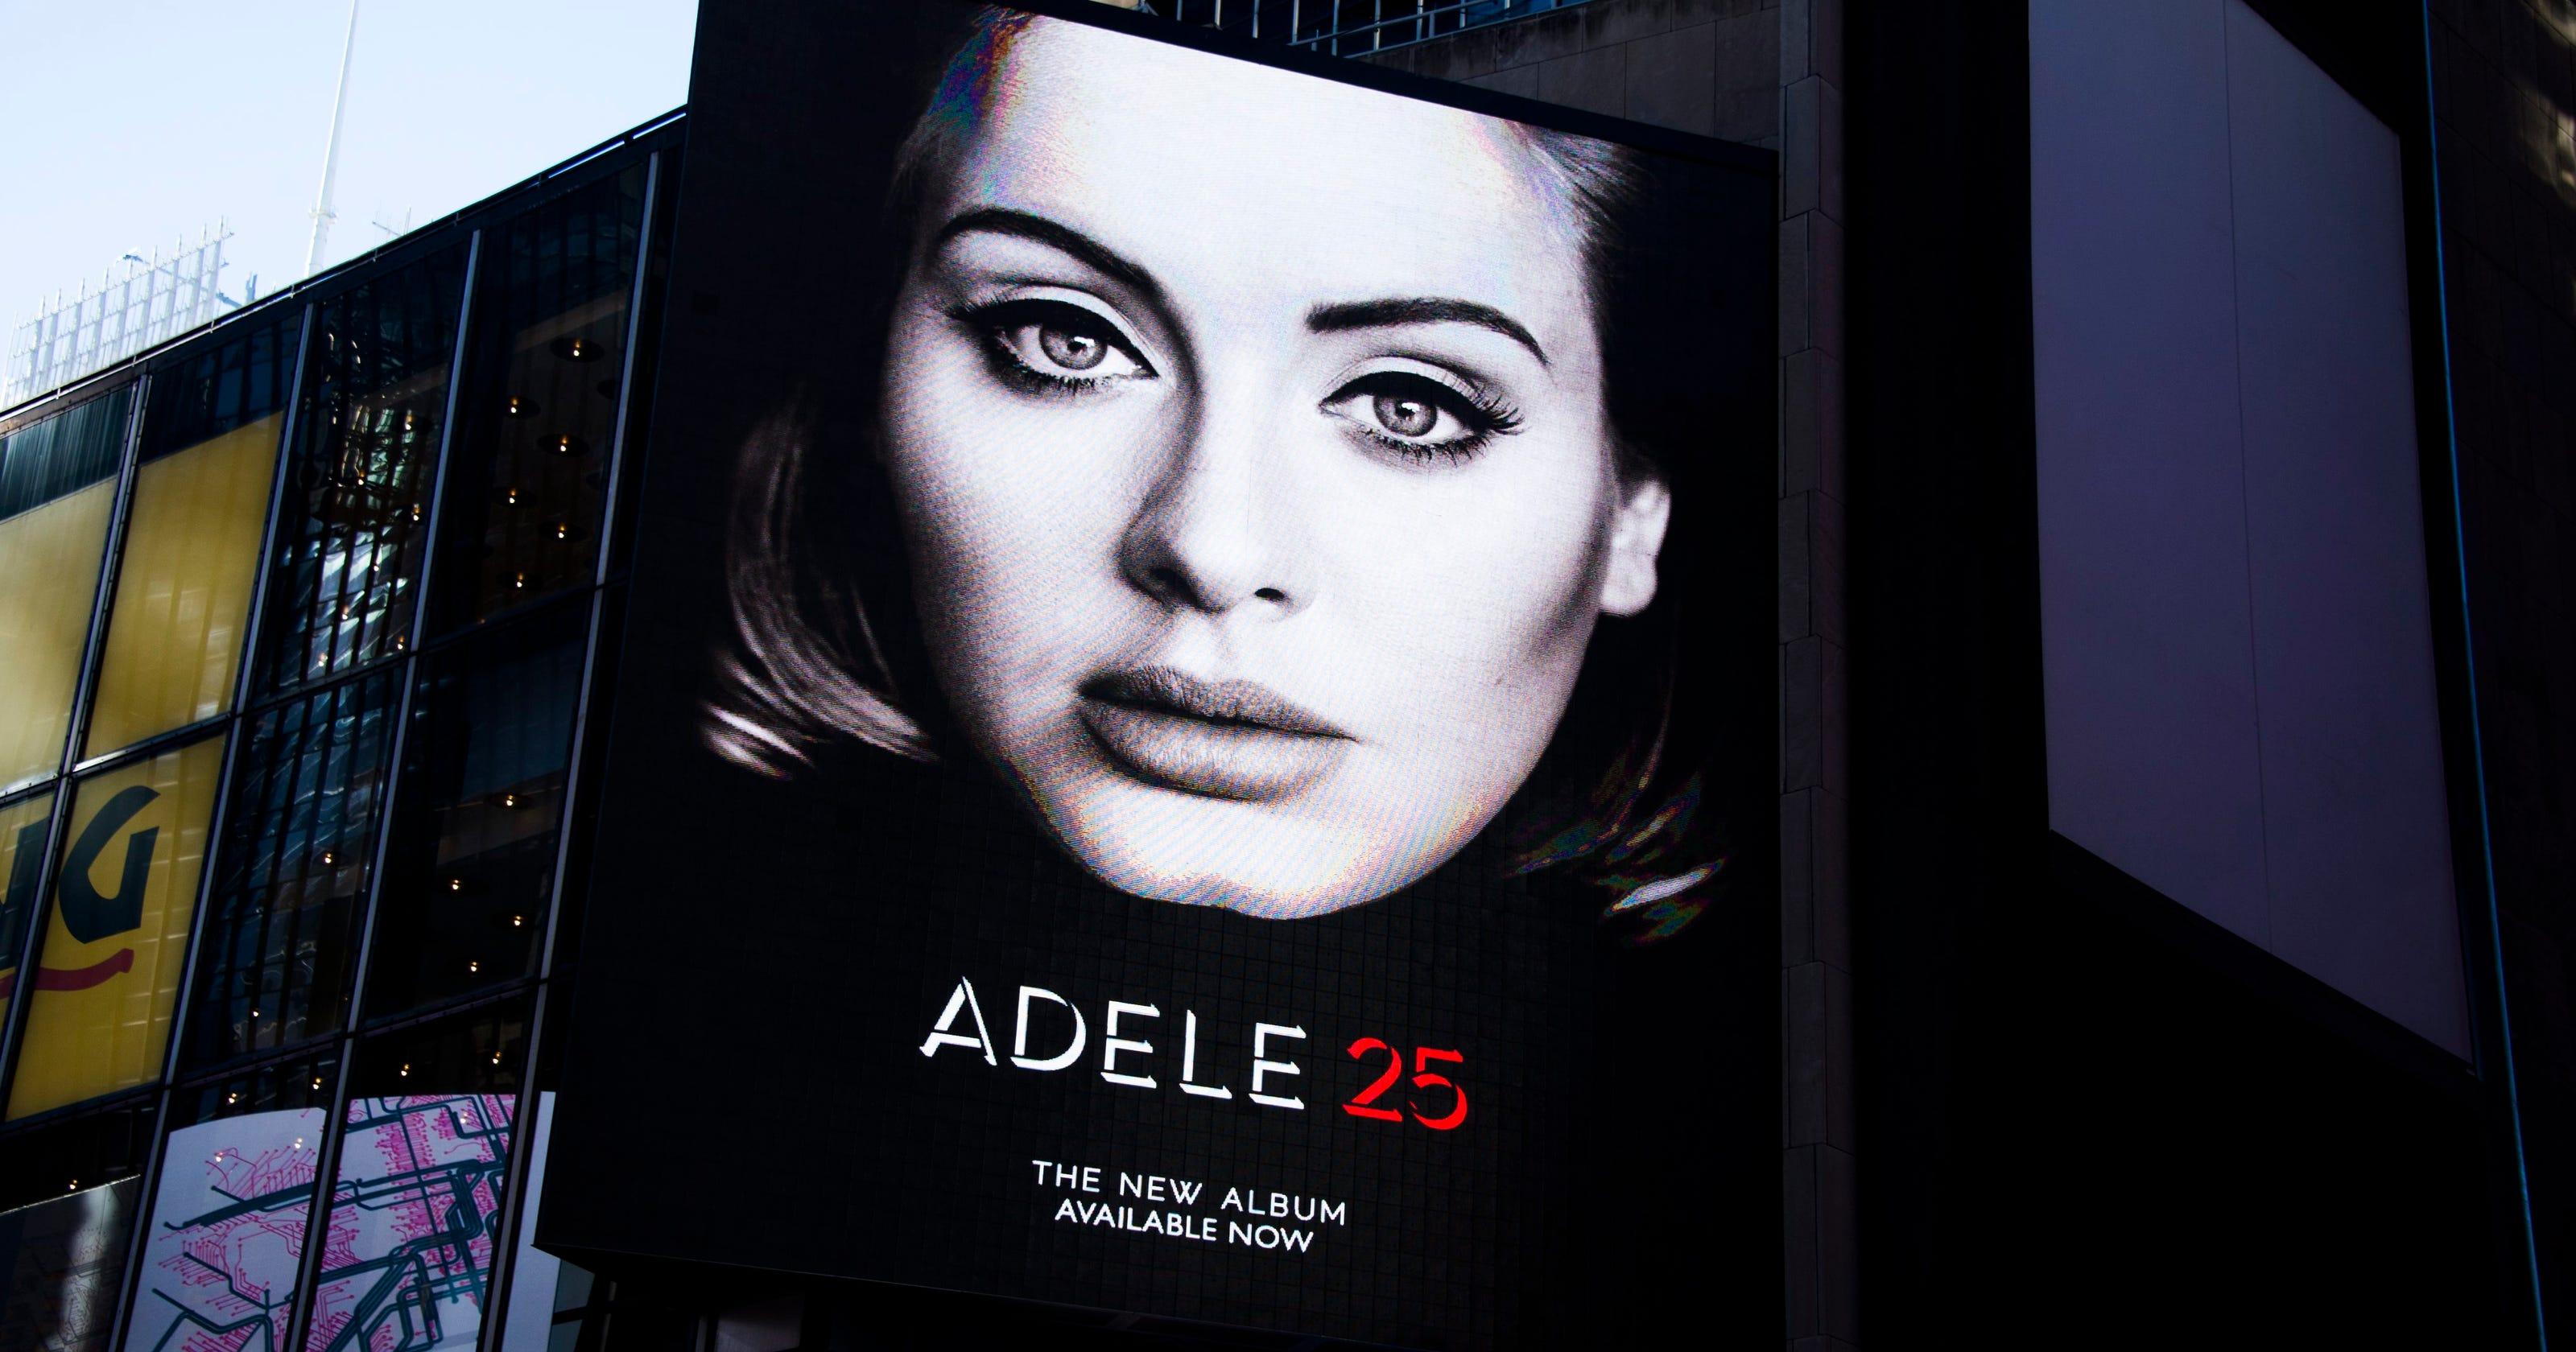 Adele's '25' Has Biggest Sales Week In History